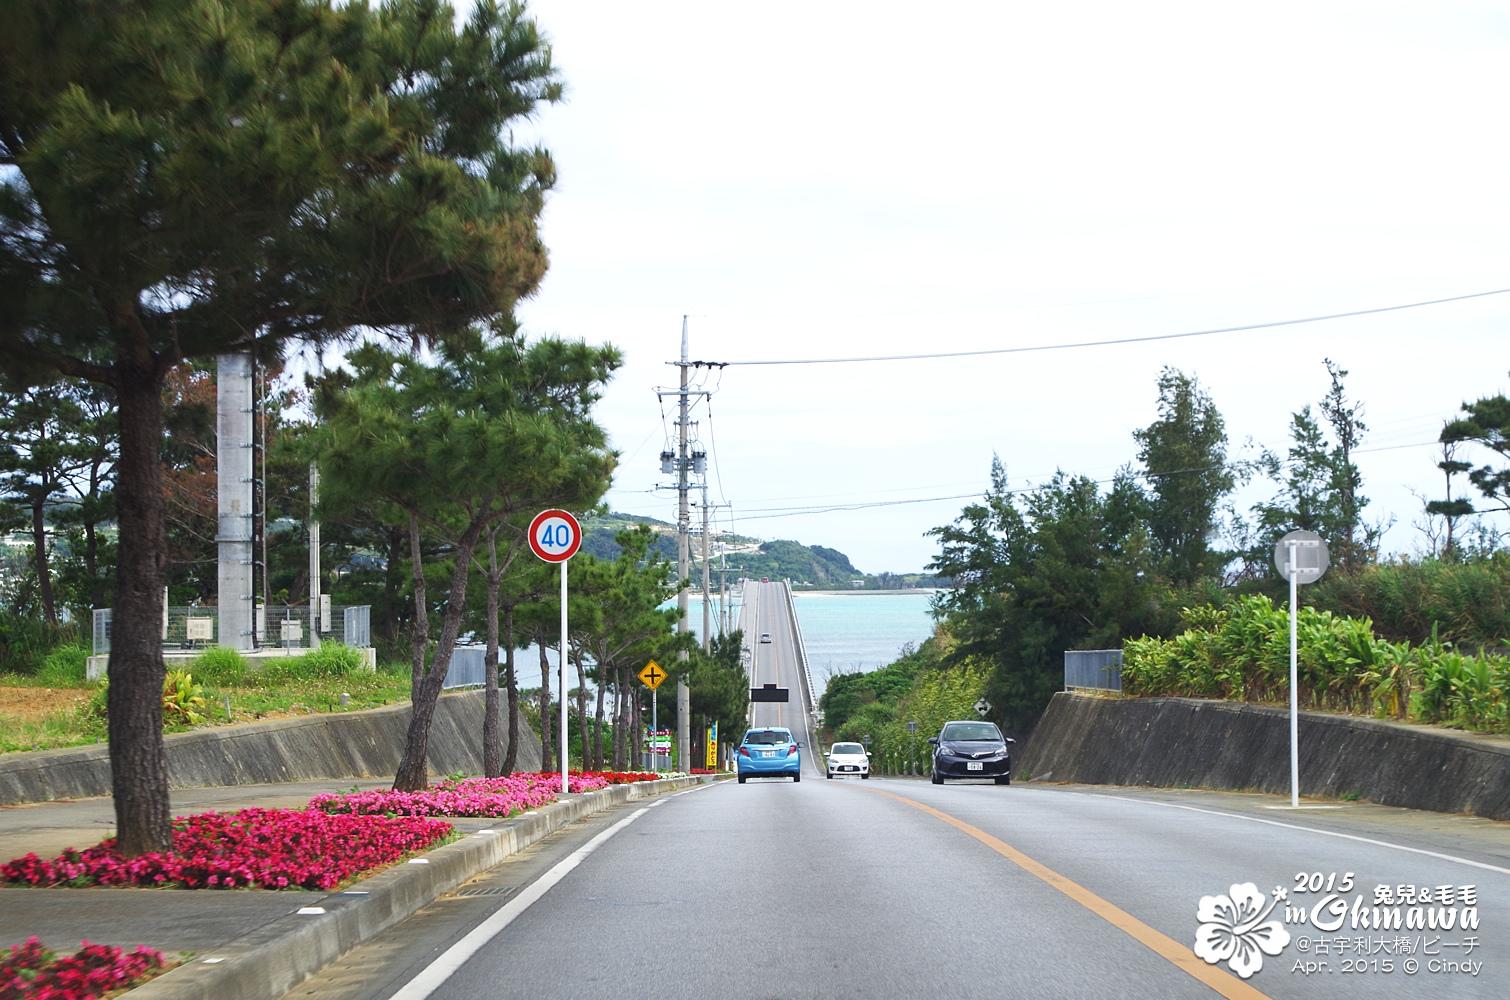 0406-古宇利-01.jpg